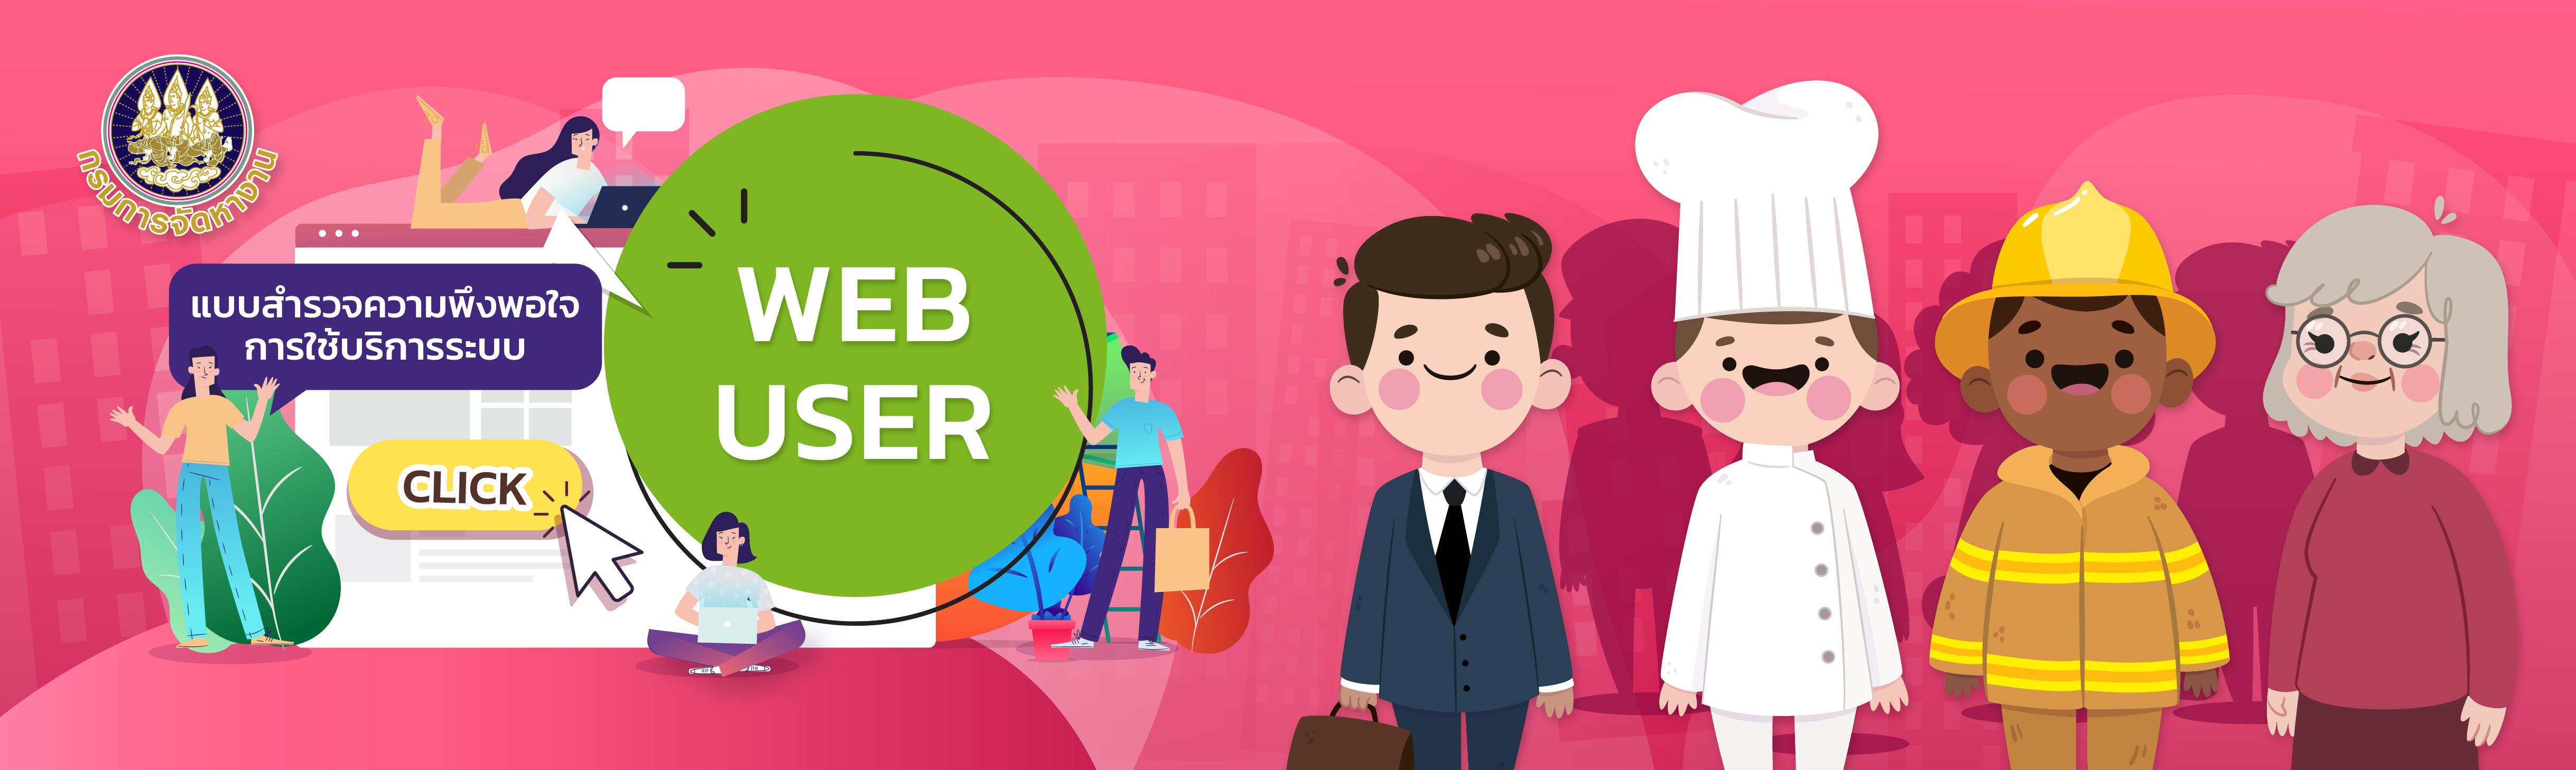 แบบสำรวจความพึงพอใจการใช้บริการเว็บไซต์กรมการจัดหางาน ปีงบประมาณ 2562